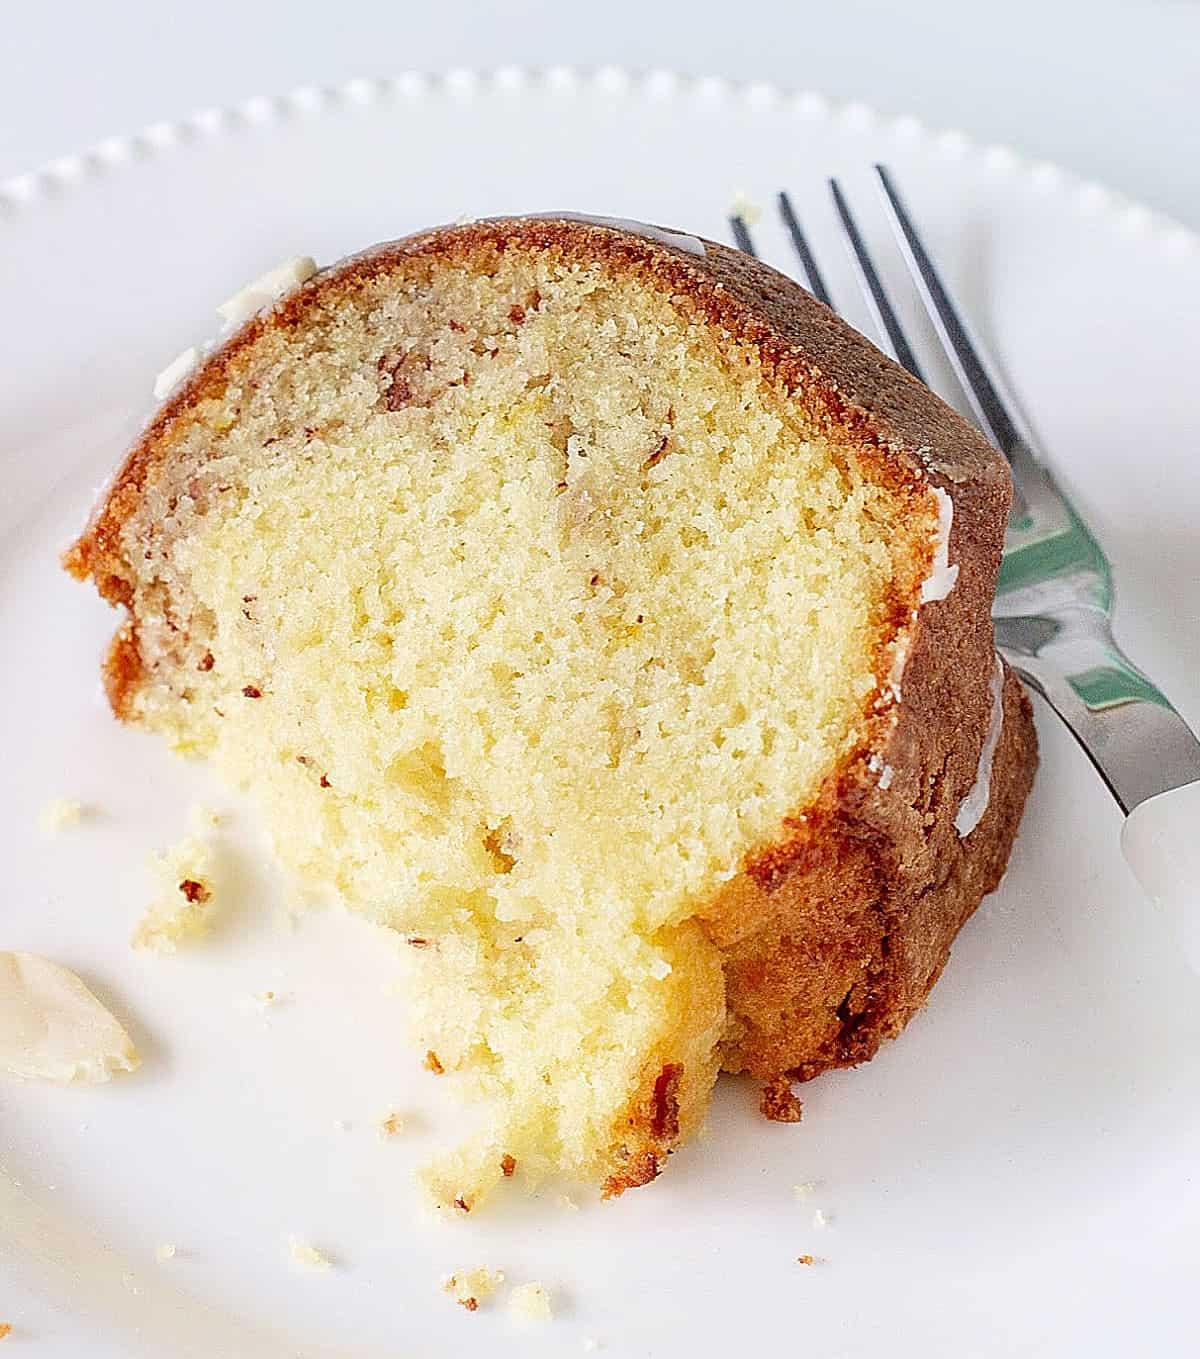 Close up of bitten slice of lemon bundt cake on white plate